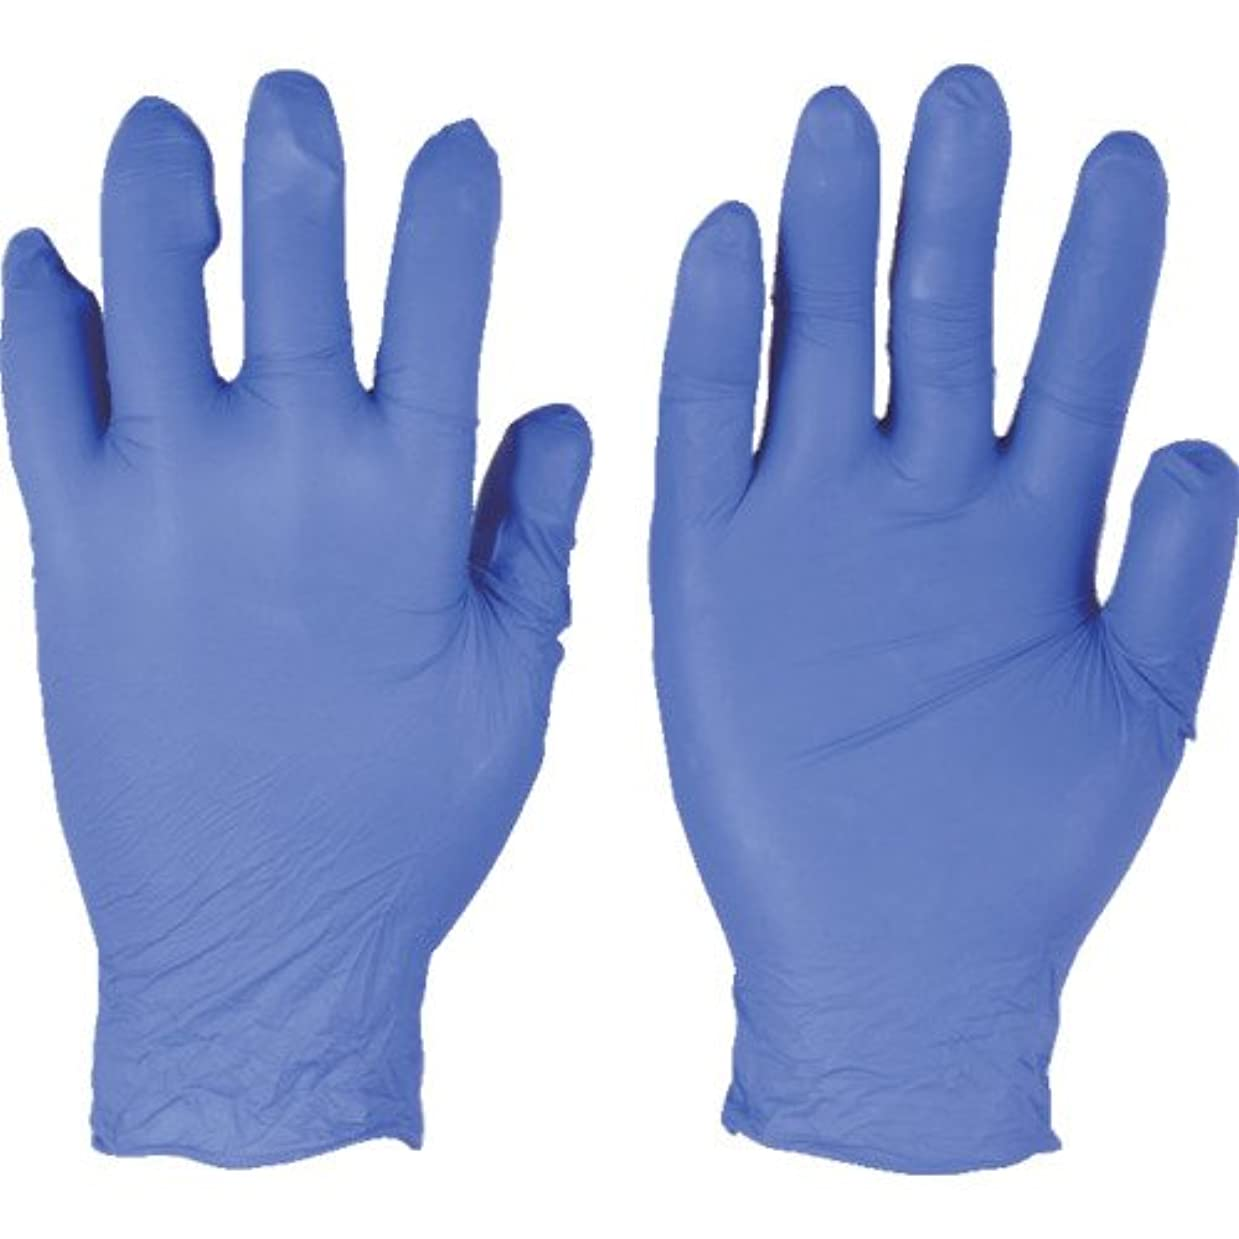 与えるアラバマインセンティブトラスコ中山 アンセル ニトリルゴム使い捨て手袋 エッジ 82-133 XLサイズ(250枚入)   8213310